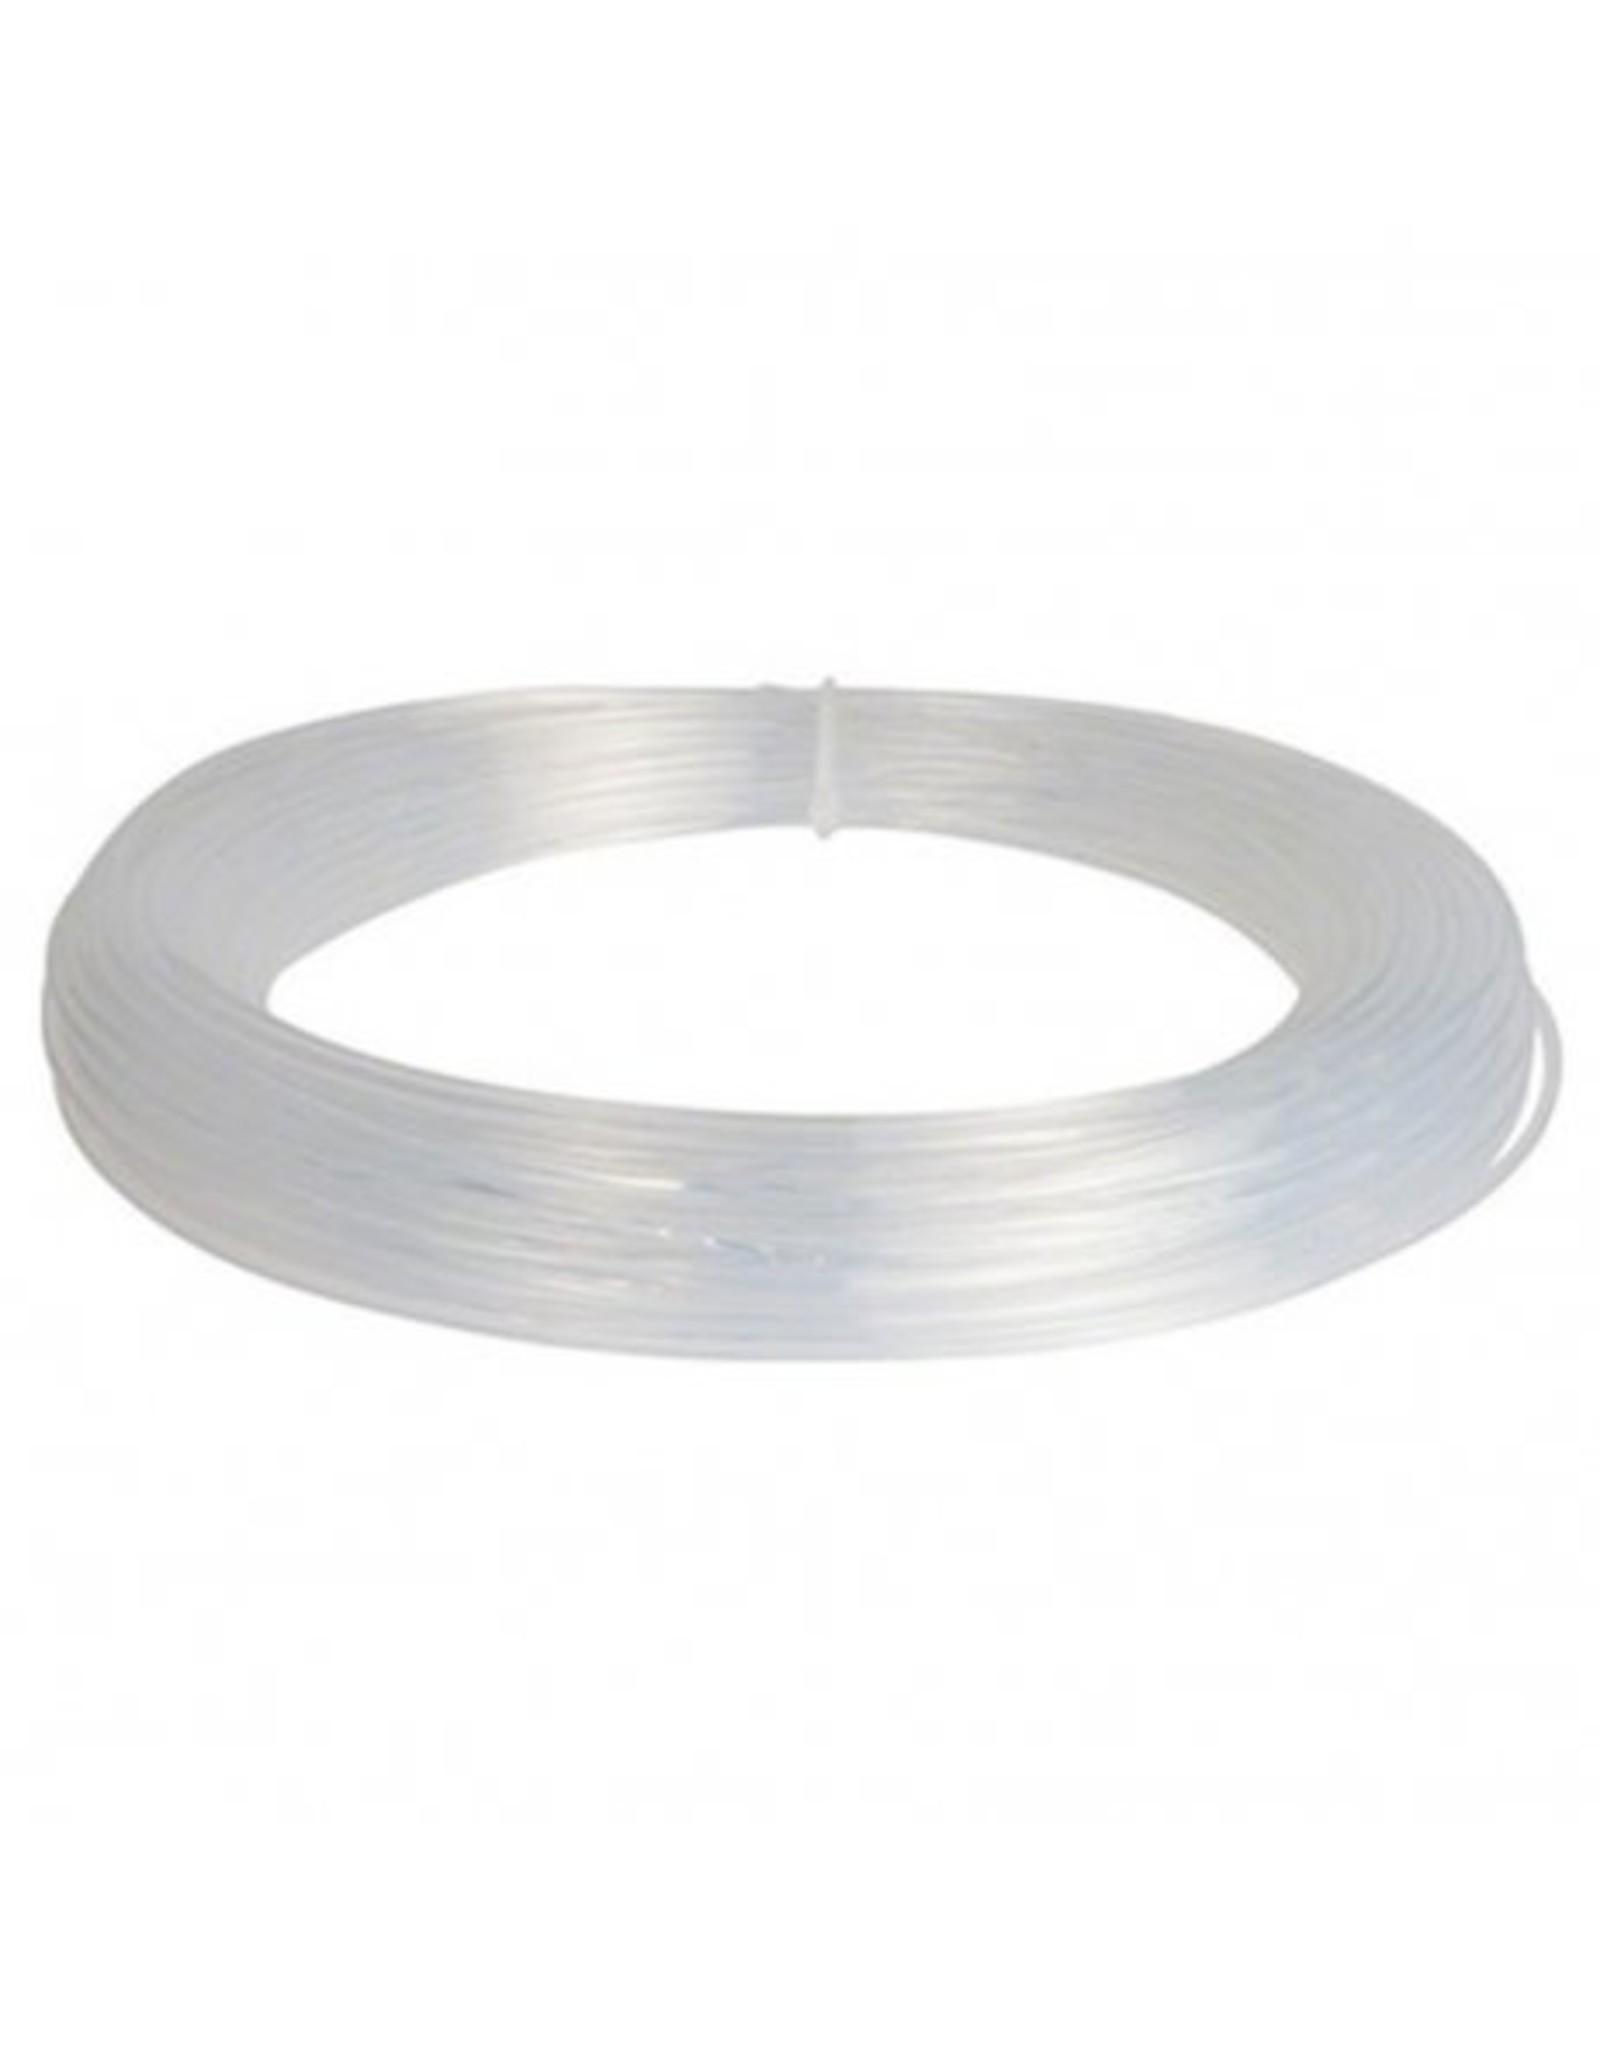 LAY Filaments BendLay (flex), 1.75mm, 0.25kg